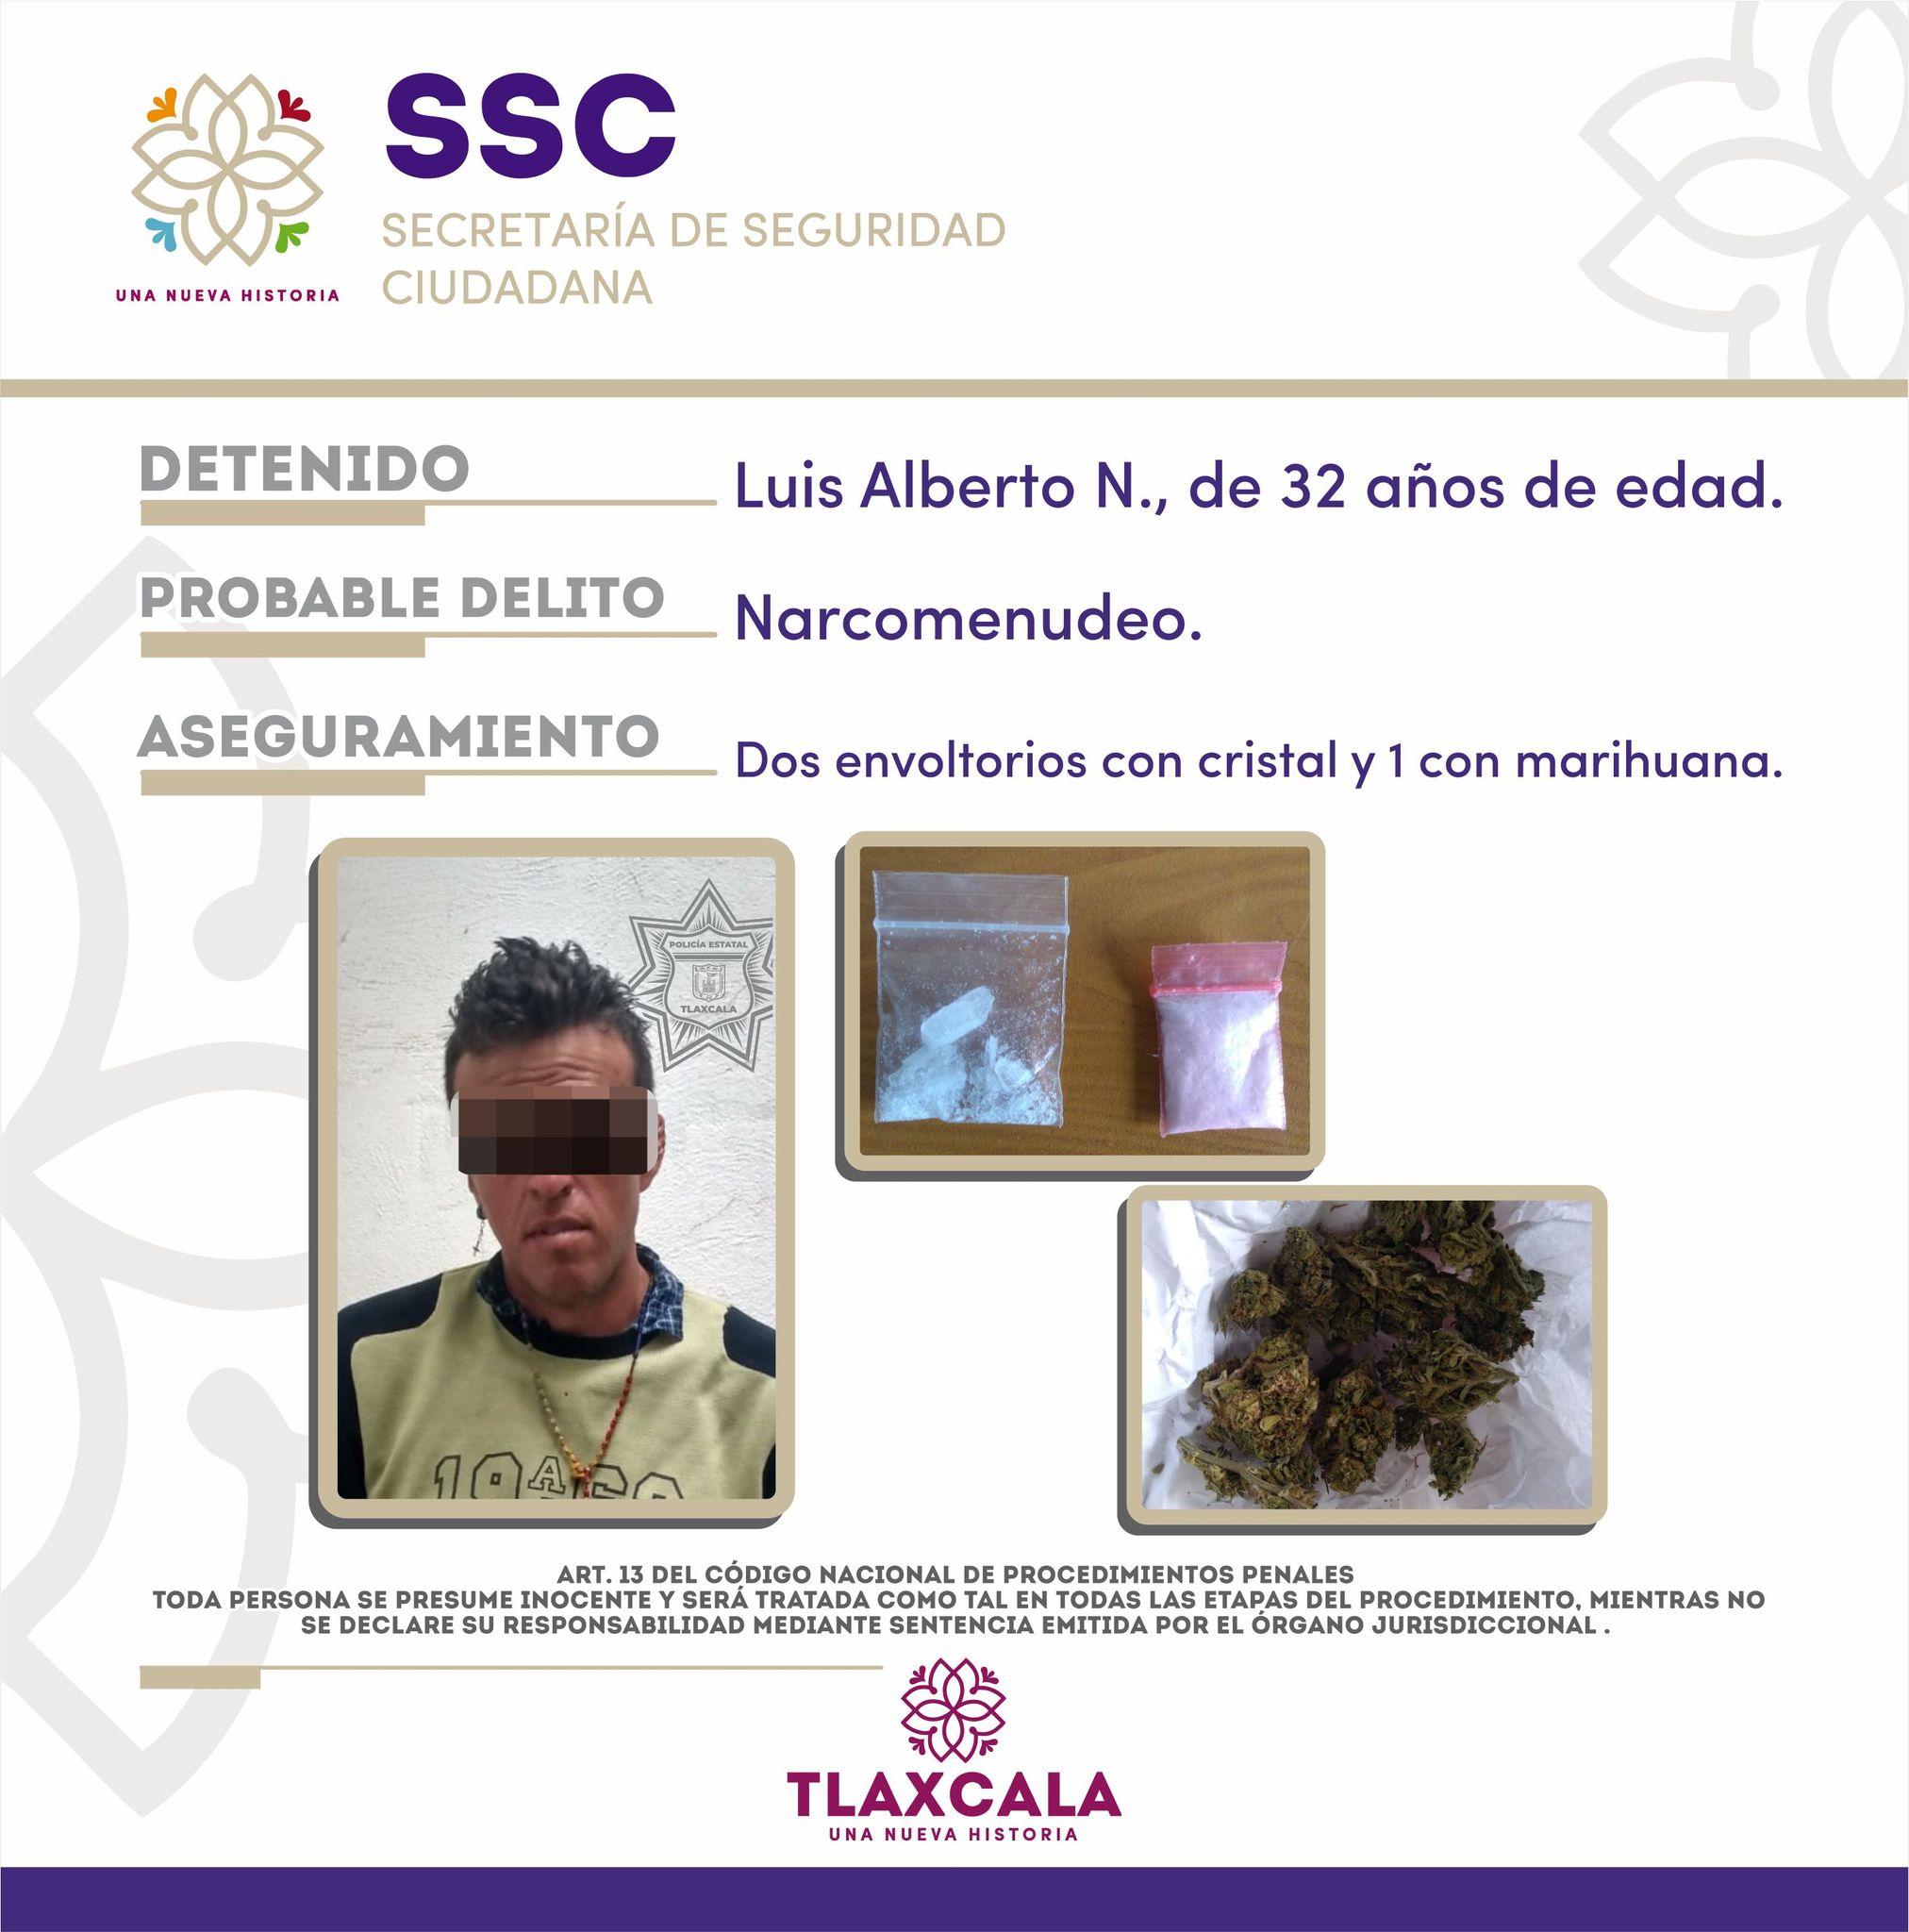 La SSC detiene en Tlaxco a una persona por posesión de droga